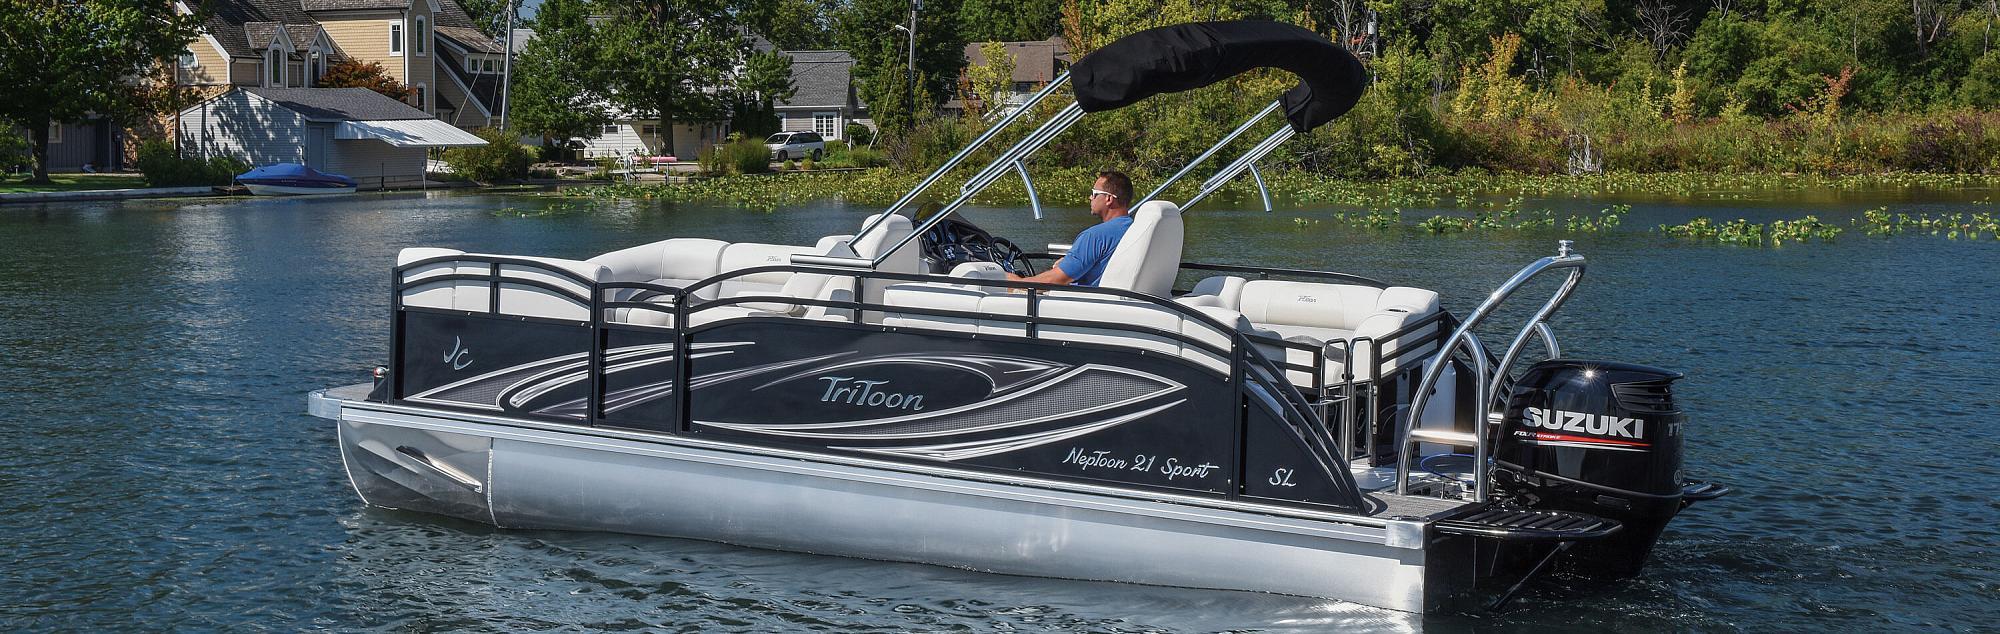 JC Quality | JC TriToon Marine